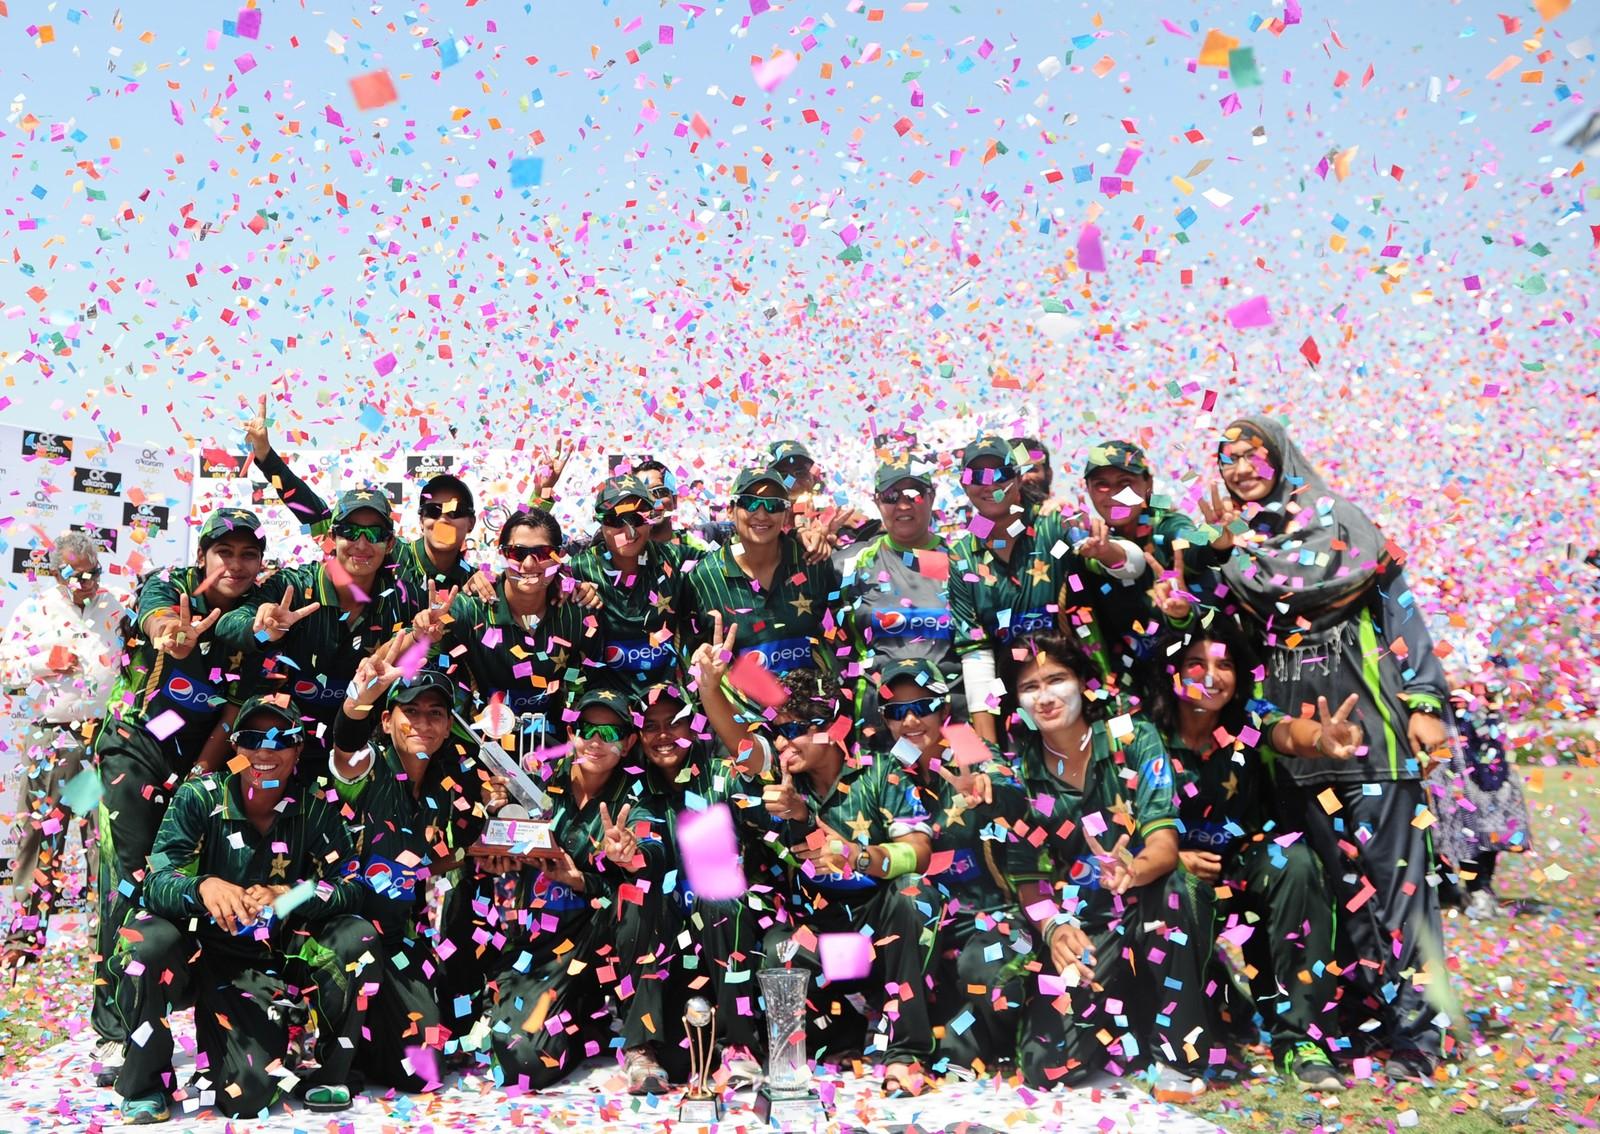 Pakistans kvinnelige cricket-lag kunne juble over å ha slått Bangladesh denne uka.